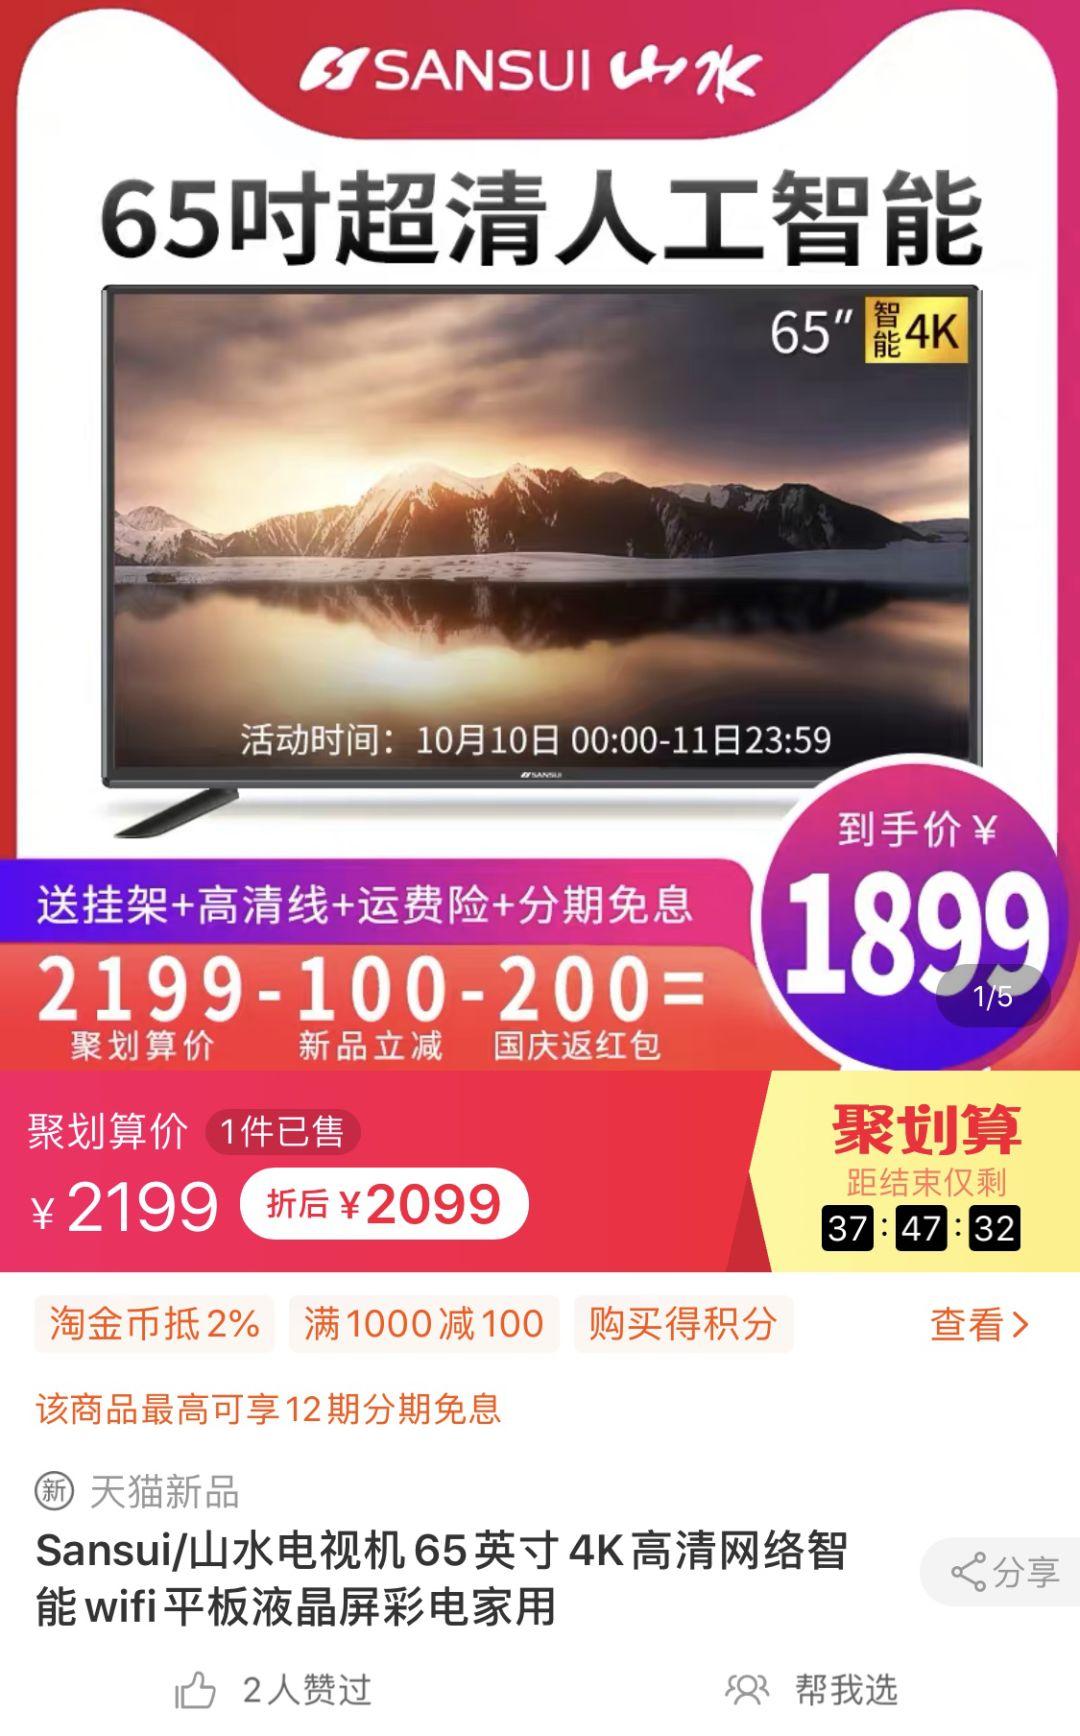 65寸4K/AI智能电视仅售1899元,聚划算联合优酷开启电视行业下半场